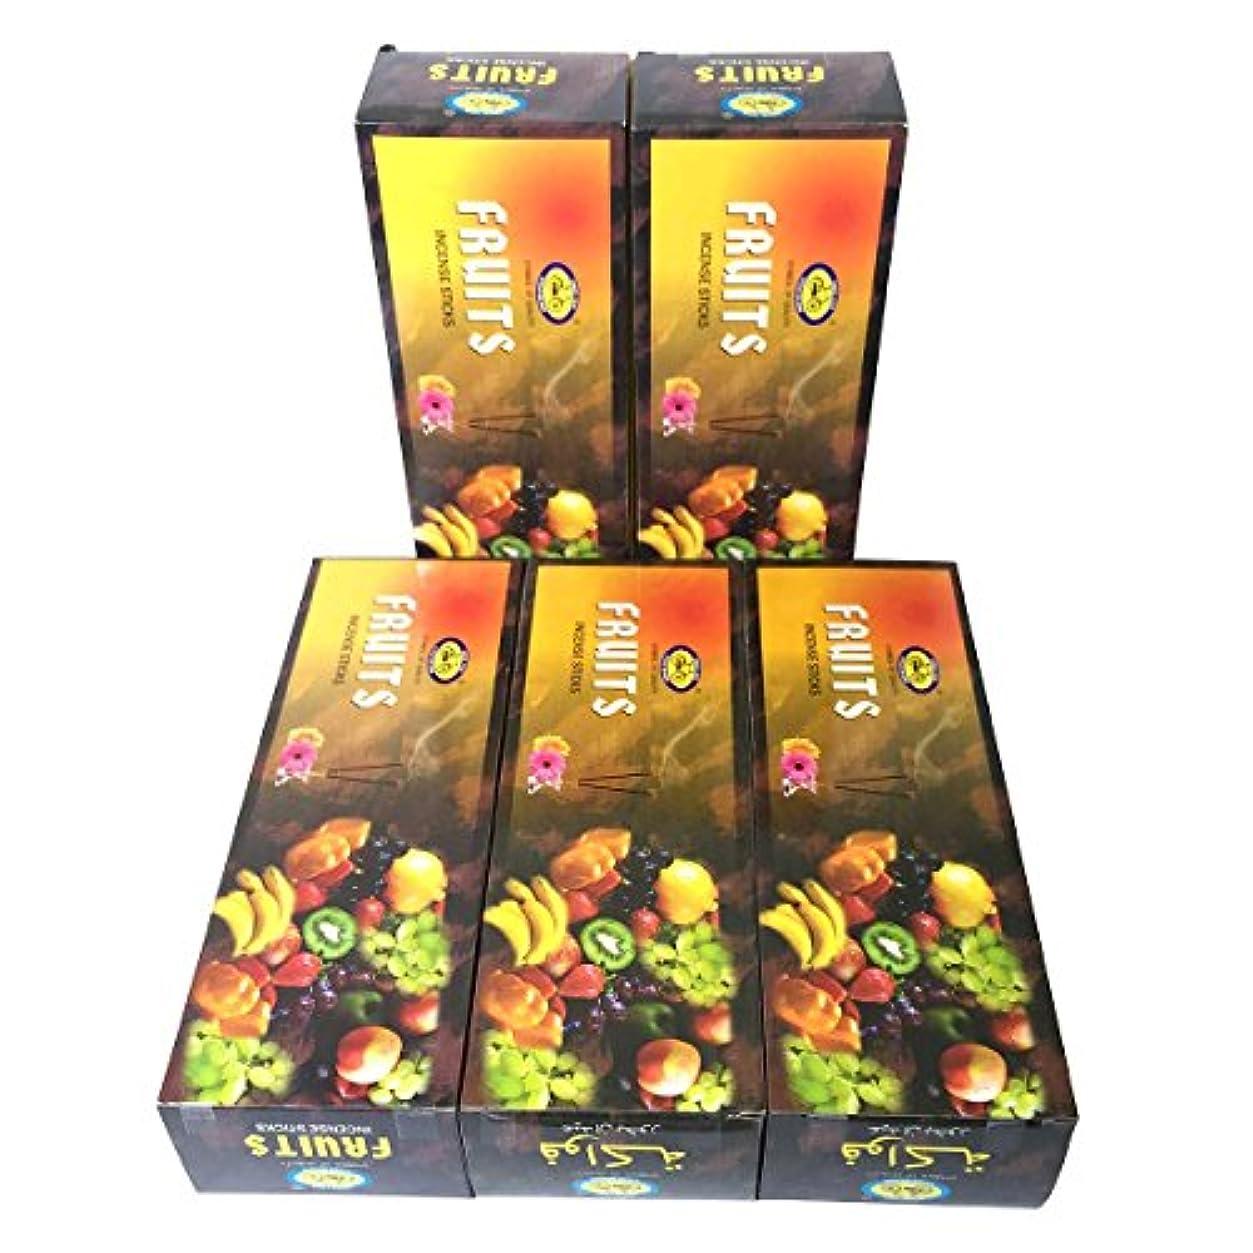 戦う良性そのフルーツ香 スティック 5BOX(30箱)/CYCLE FRUITS/ インド香 / 送料無料 [並行輸入品]